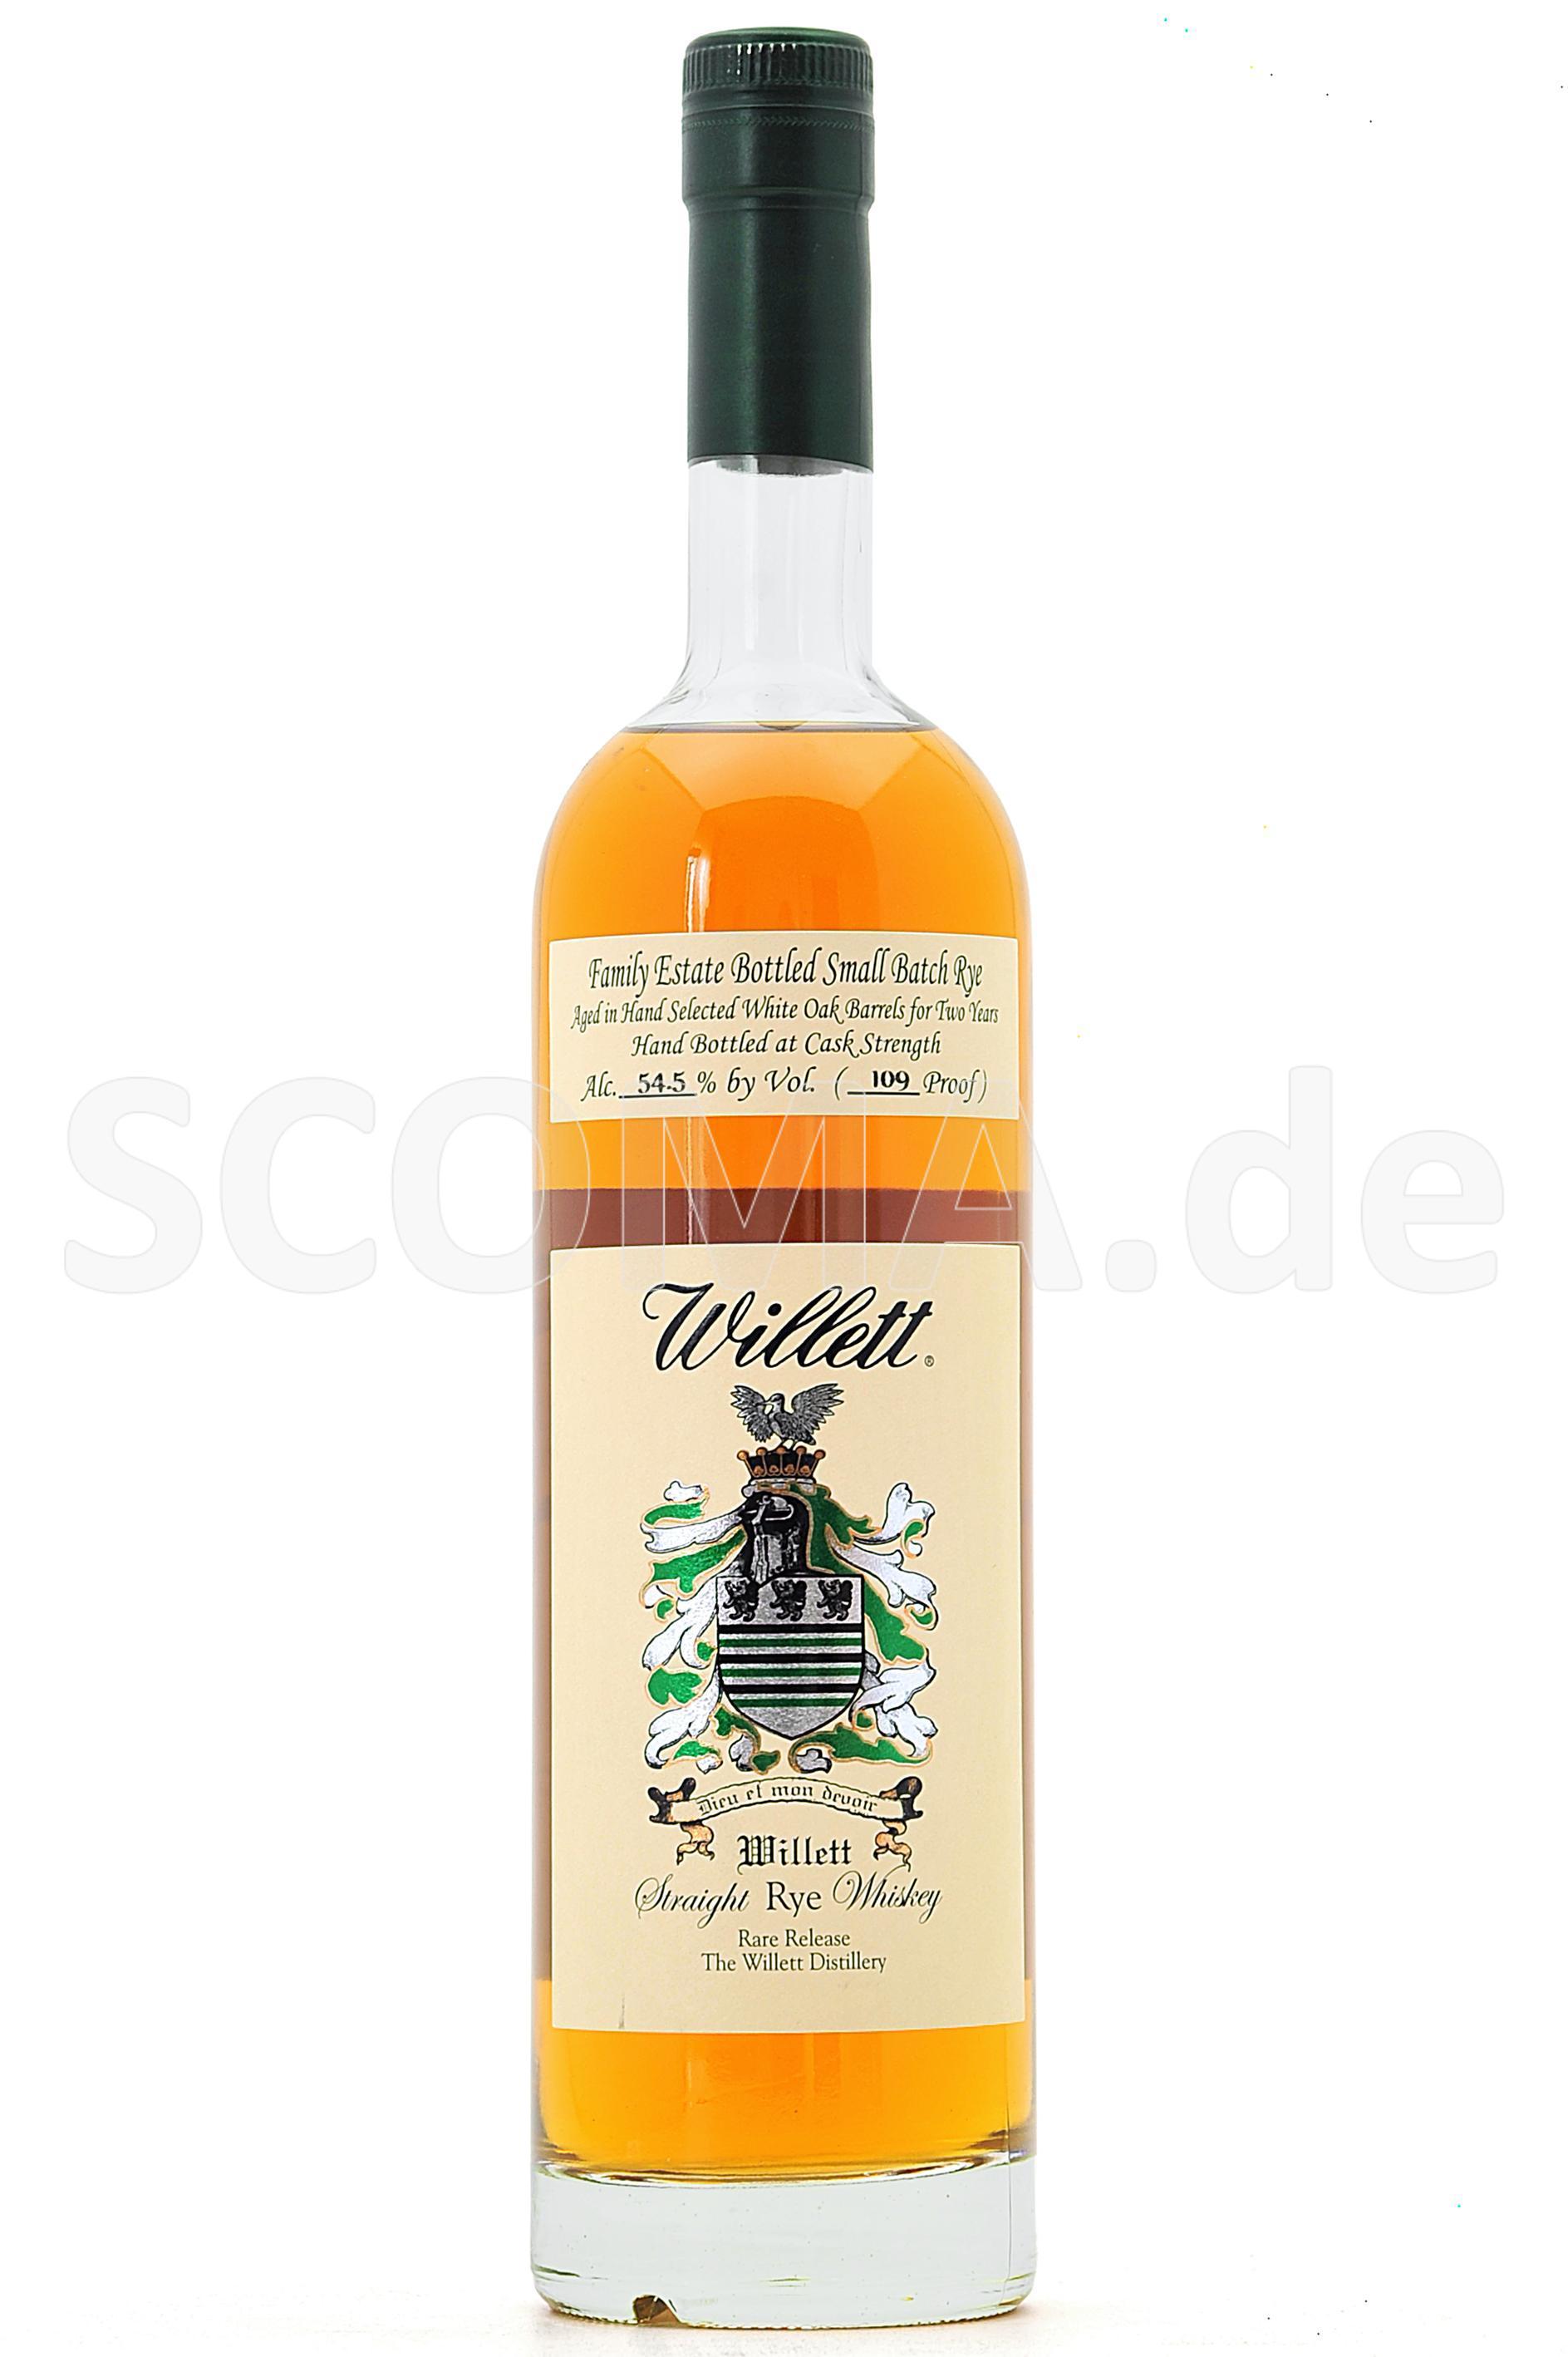 Willett Rye Whiskey